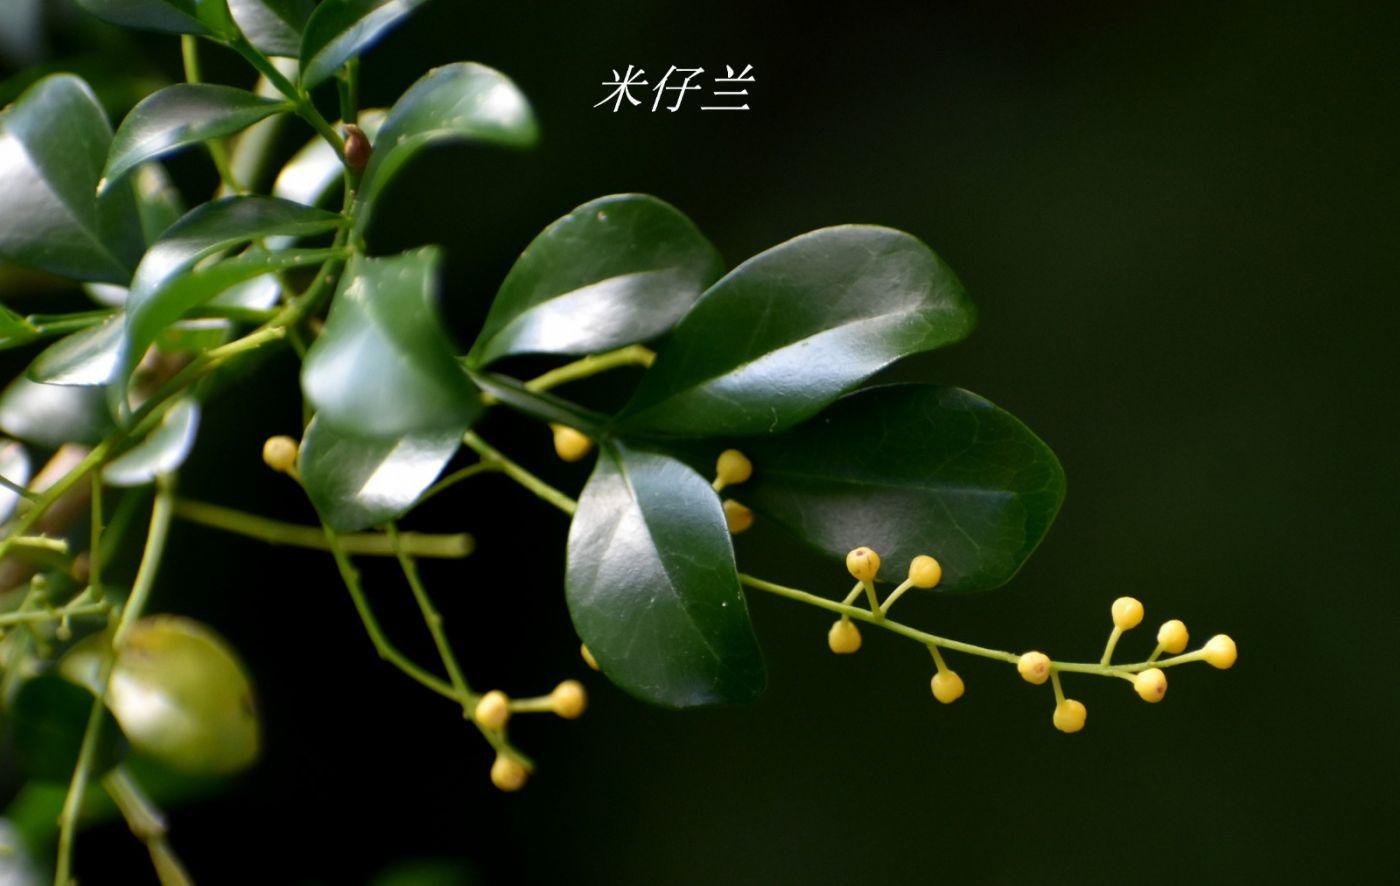 花草图谱 (31)_图1-13